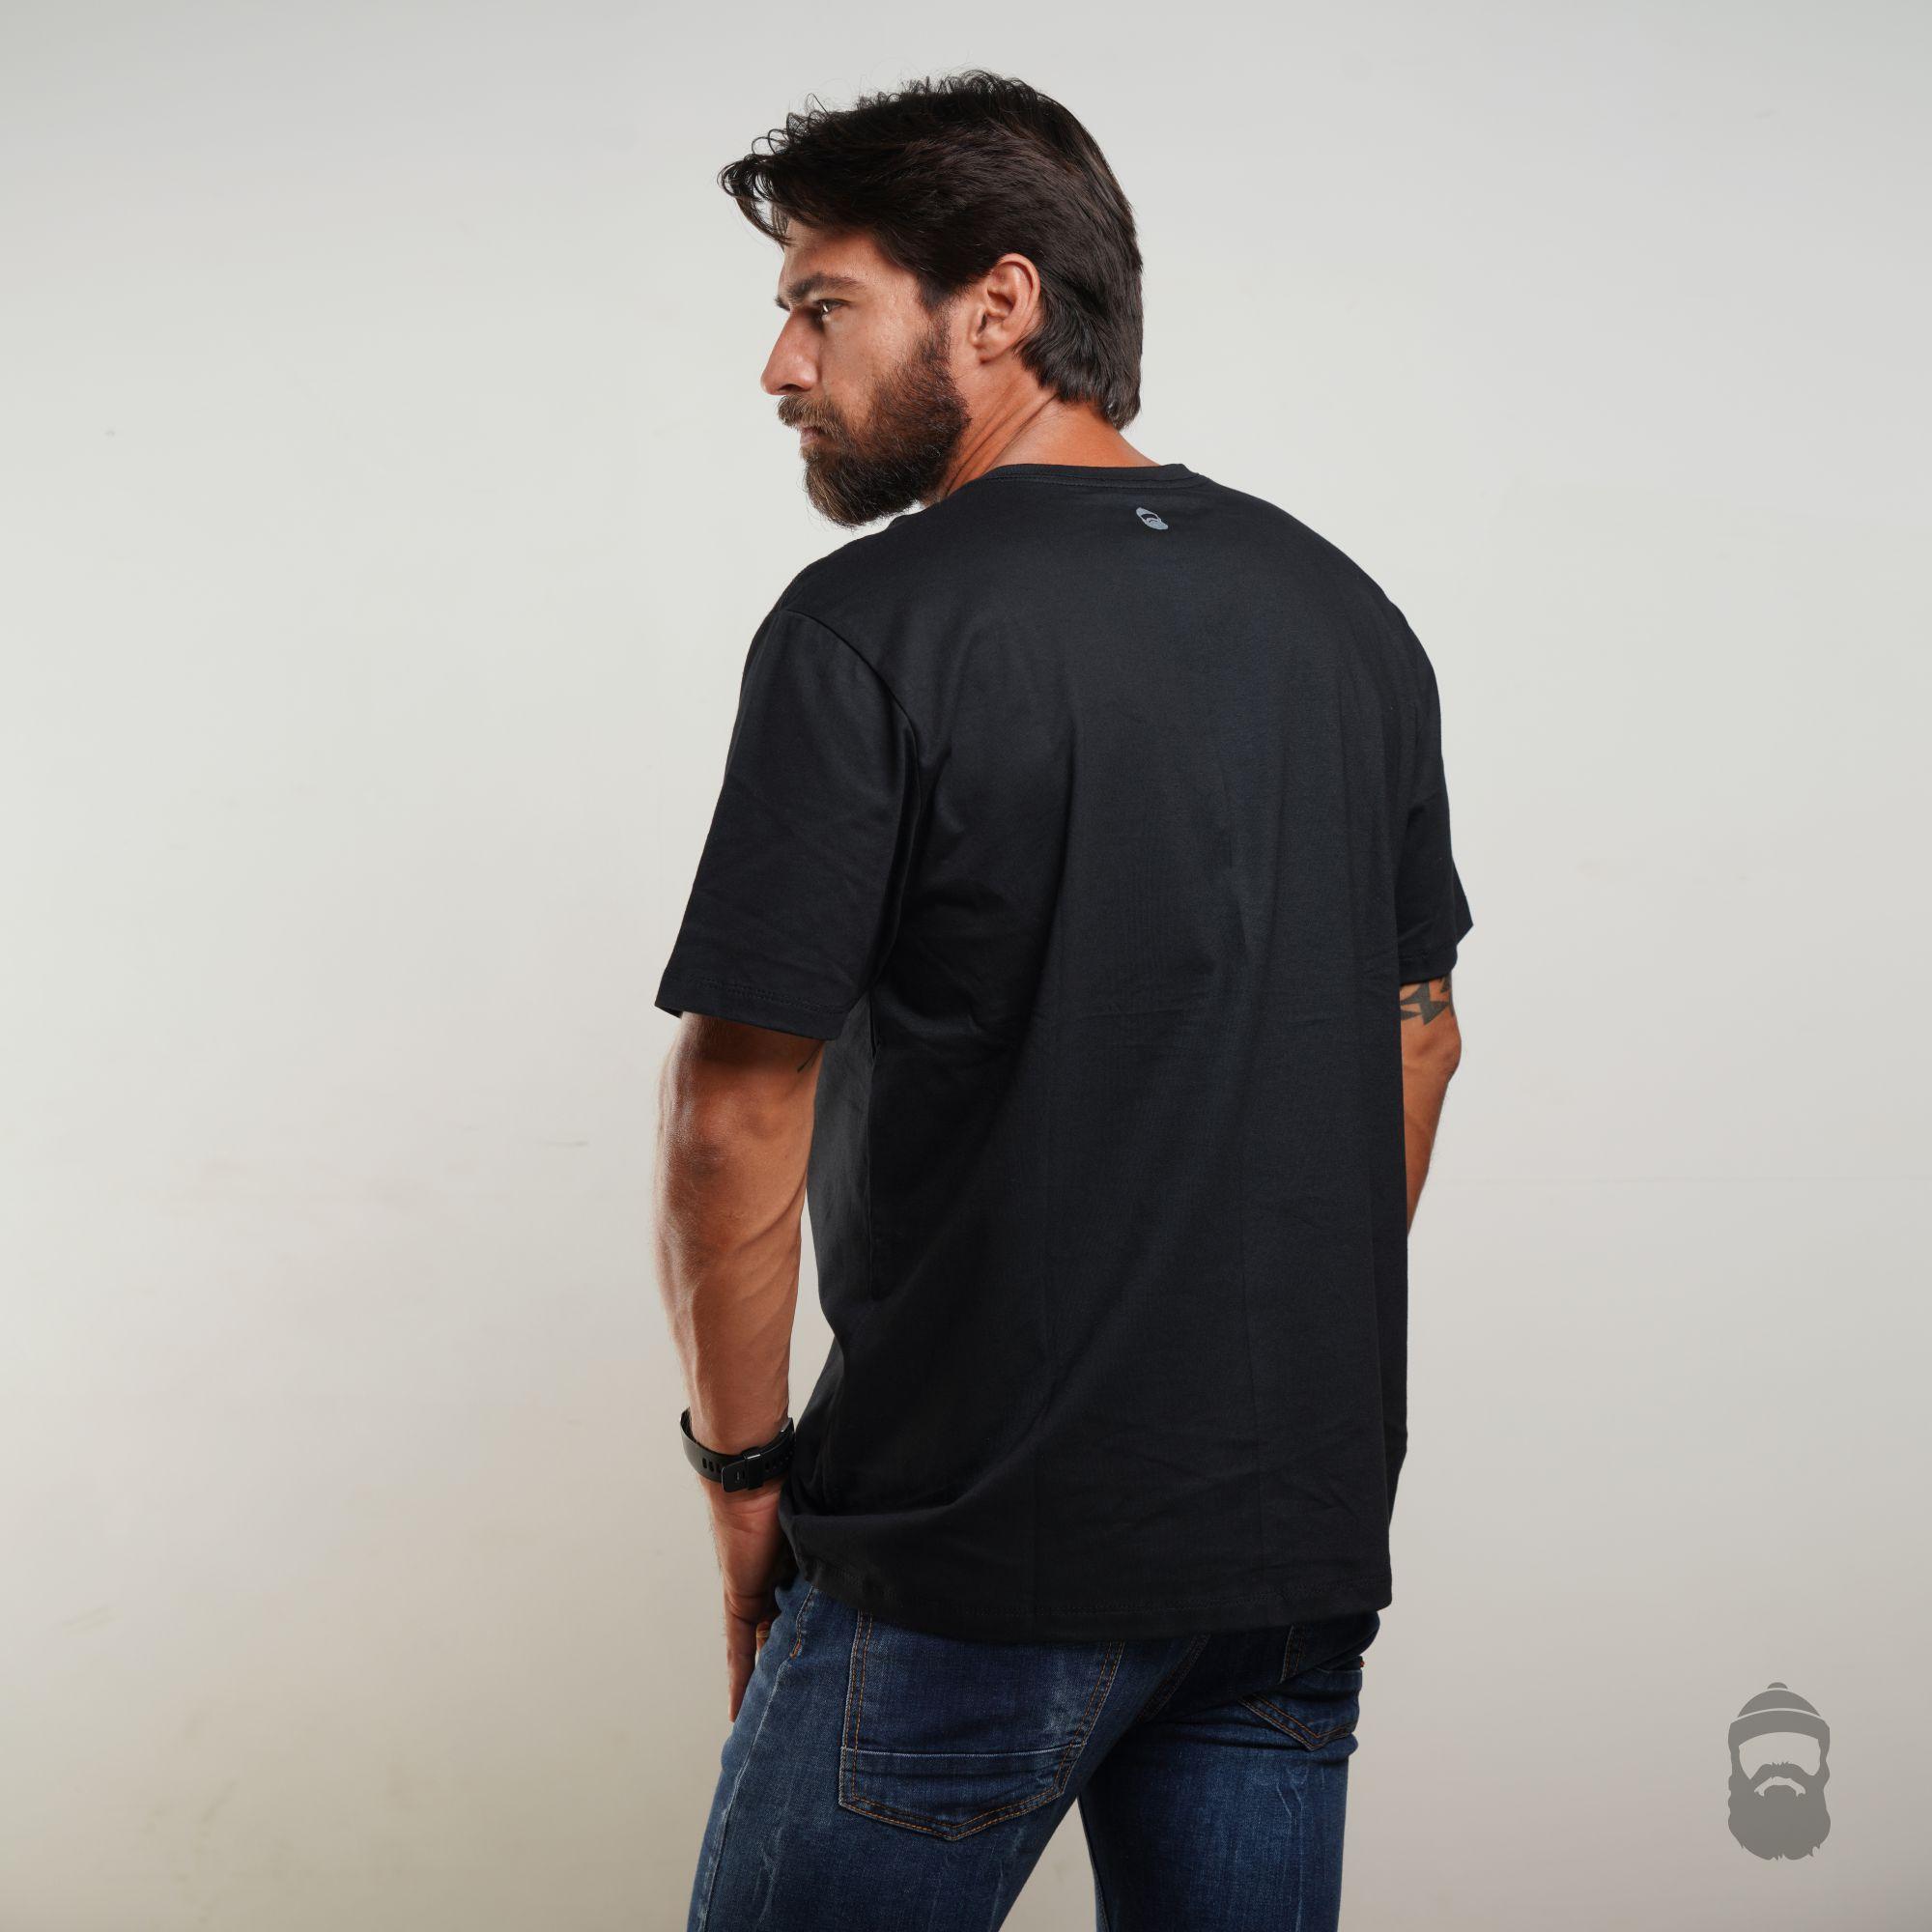 Camiseta Assinatura Preta